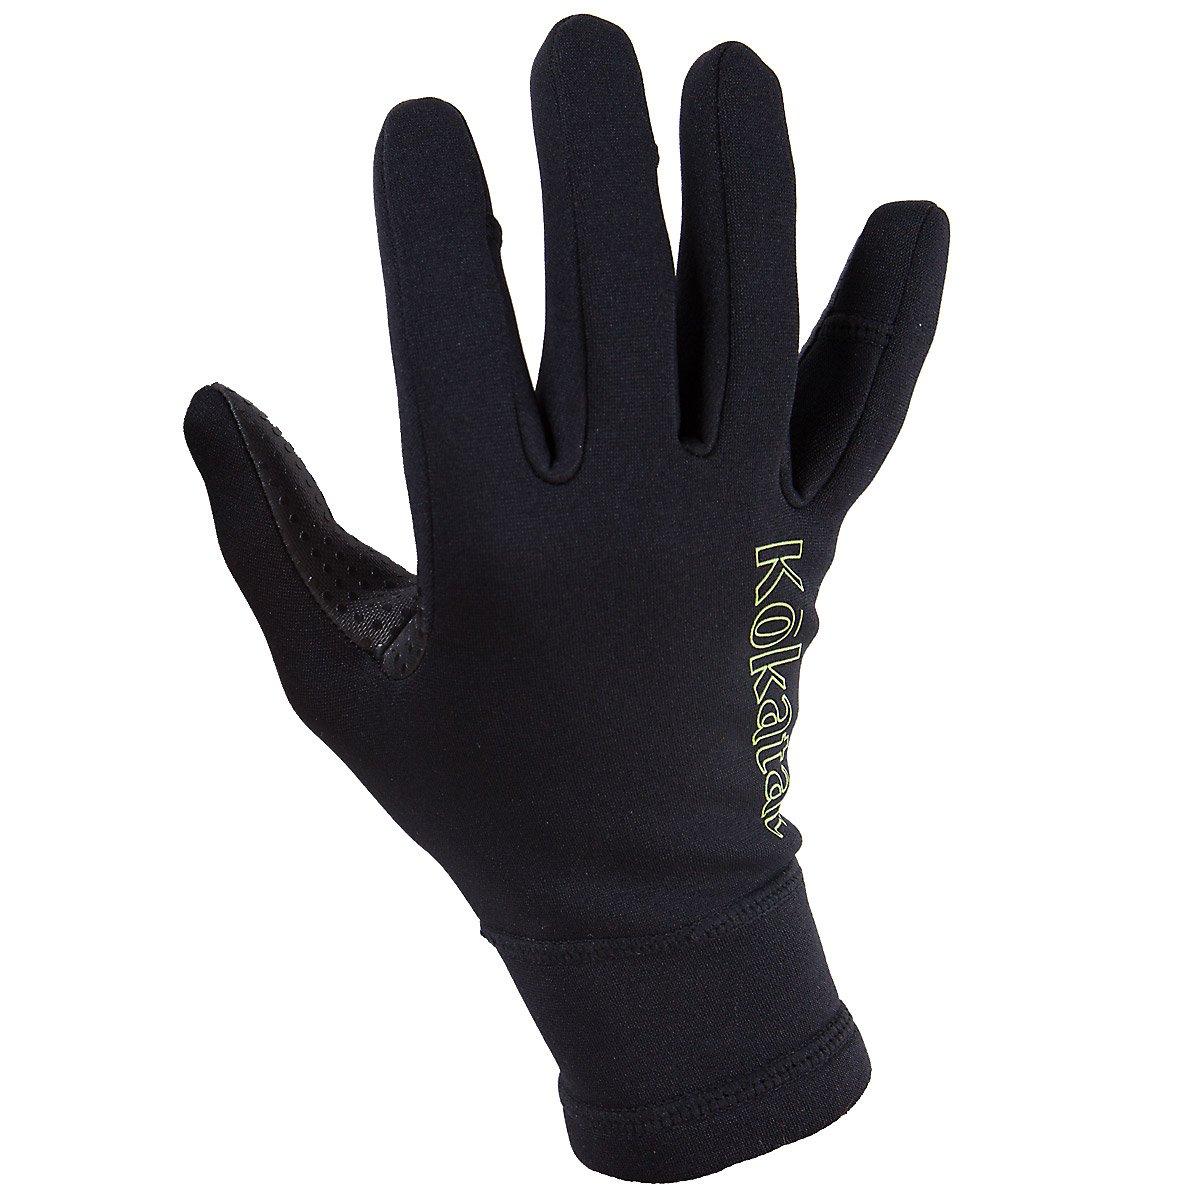 Kokatat Kozee Gloves-Black-XL by Kokatat